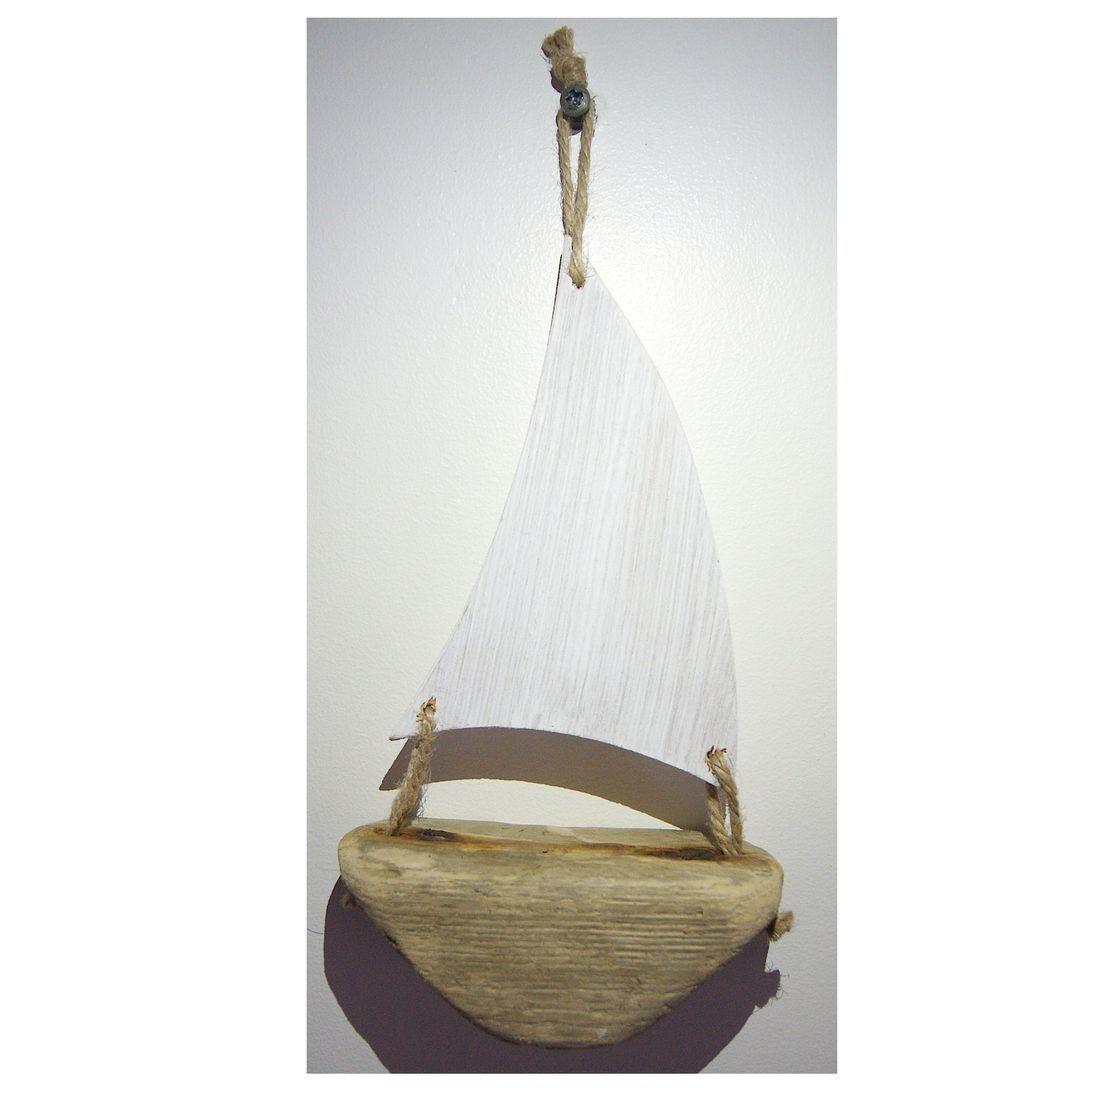 Driftwood boat 9